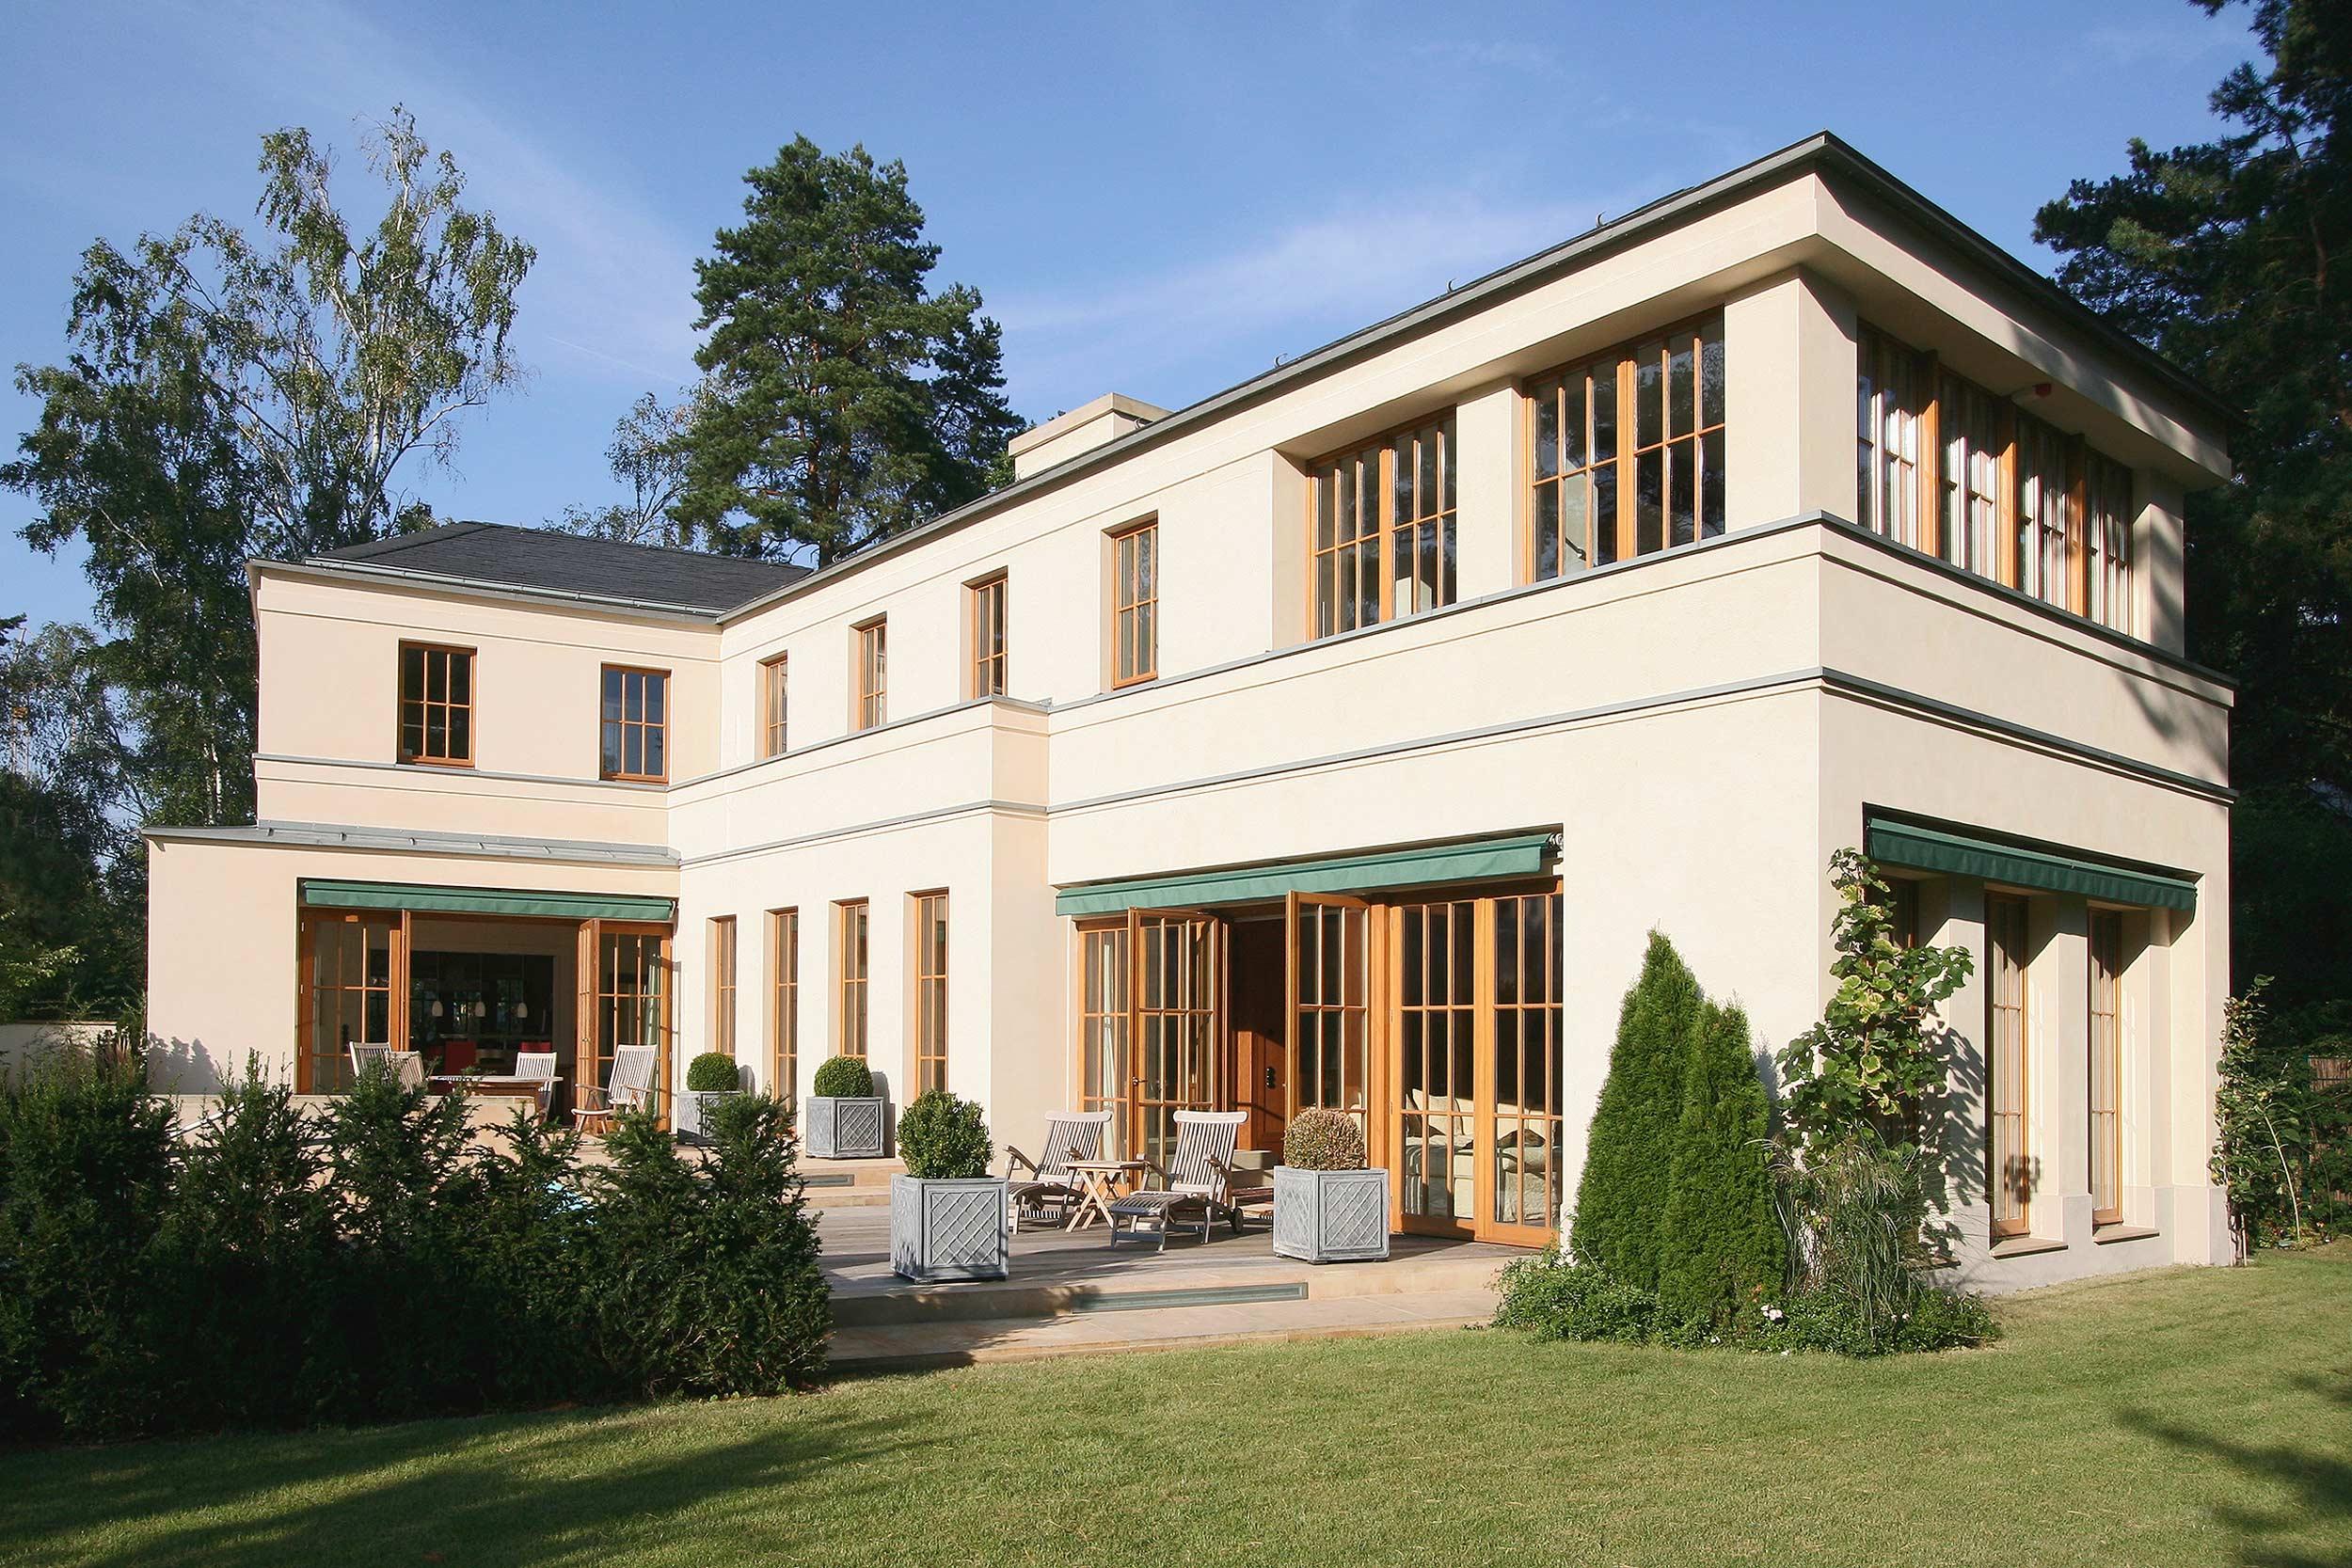 Die Gebäudeform gewährleistet optimales Sonnenlicht zu jeder Jahreszeit.